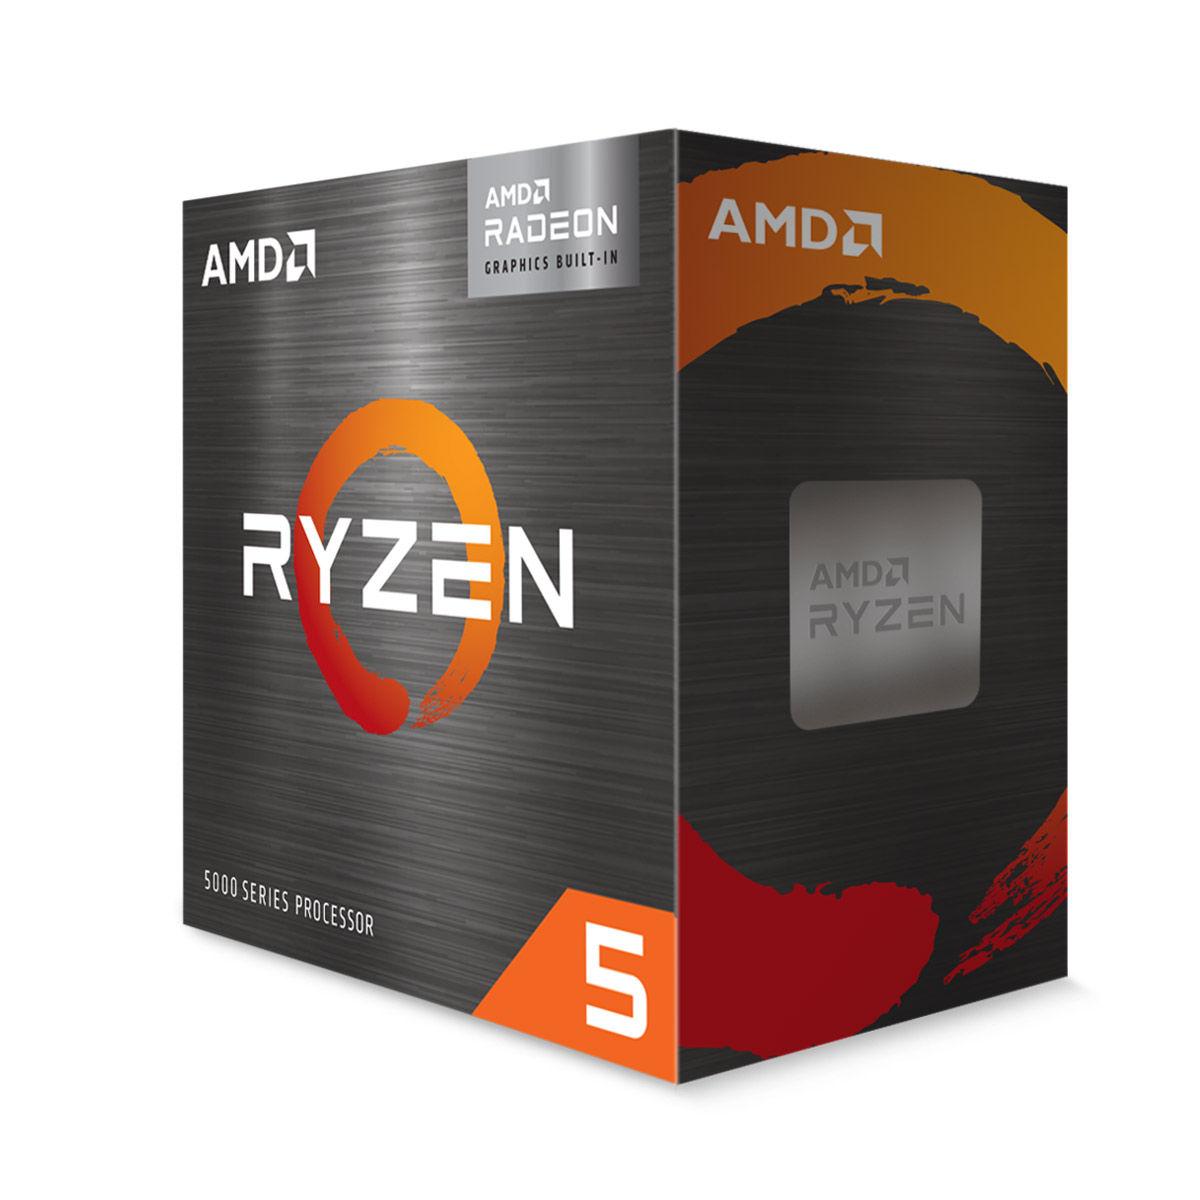 एम्ड Ryzen 5 5600G Desktop प्रोसेसर with integrated Radeon Graphics